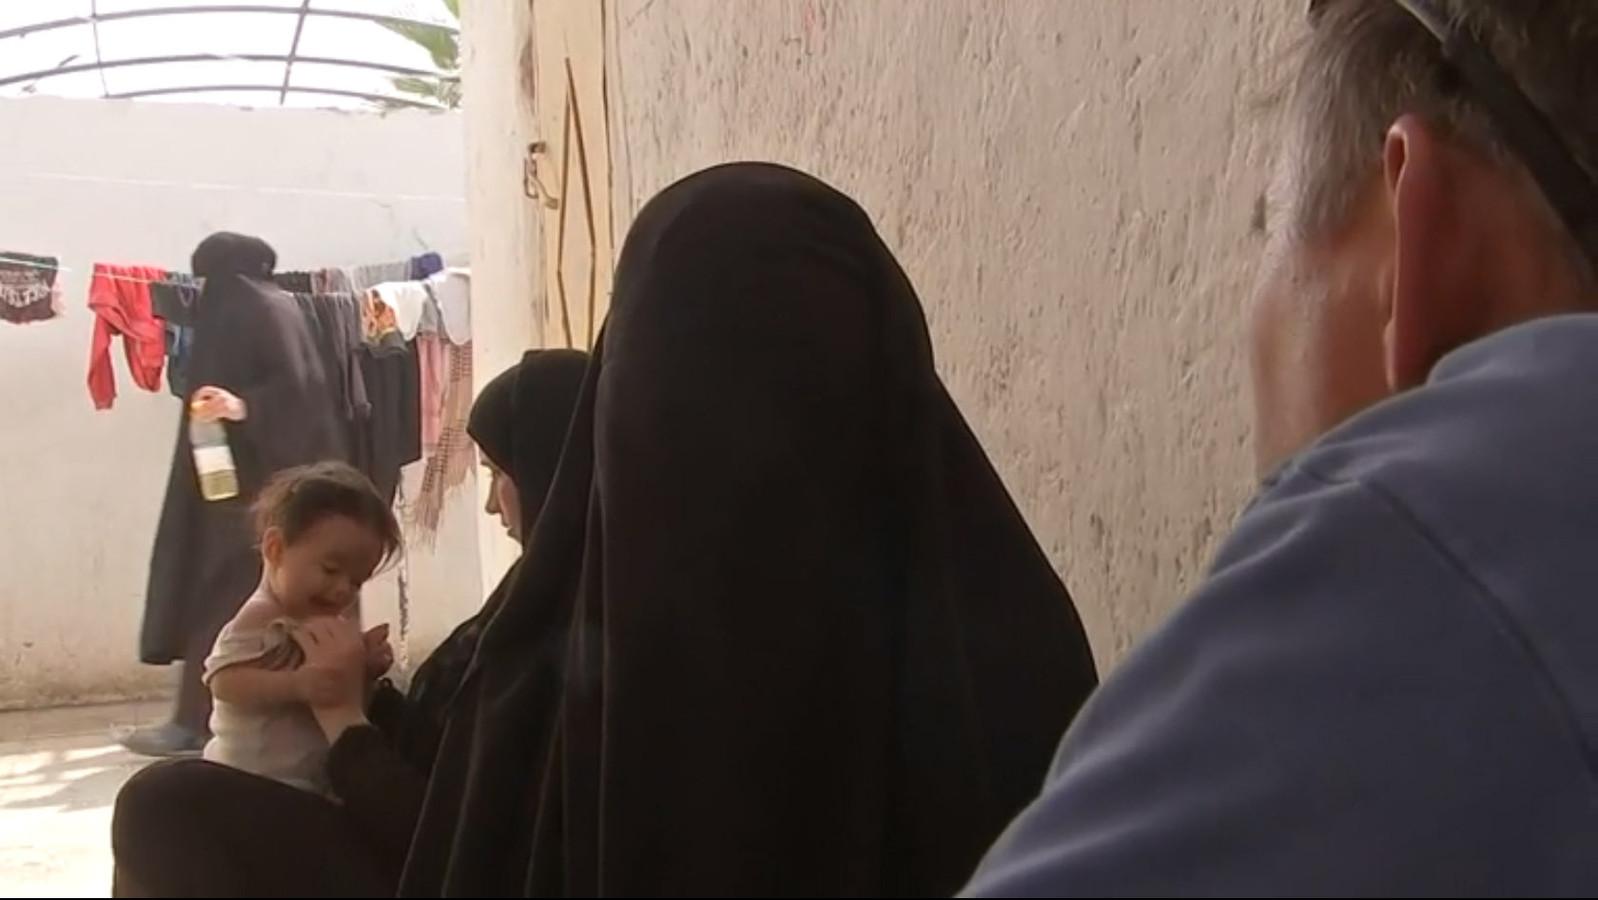 Ilham B. Nederlandse Jihadist uit Syrië geinterviewd door VRT verslaggever Rudi Vranckx in het vluchtelingenkamp Ain Aissa, inmiddels zit ze in een ander kamp.